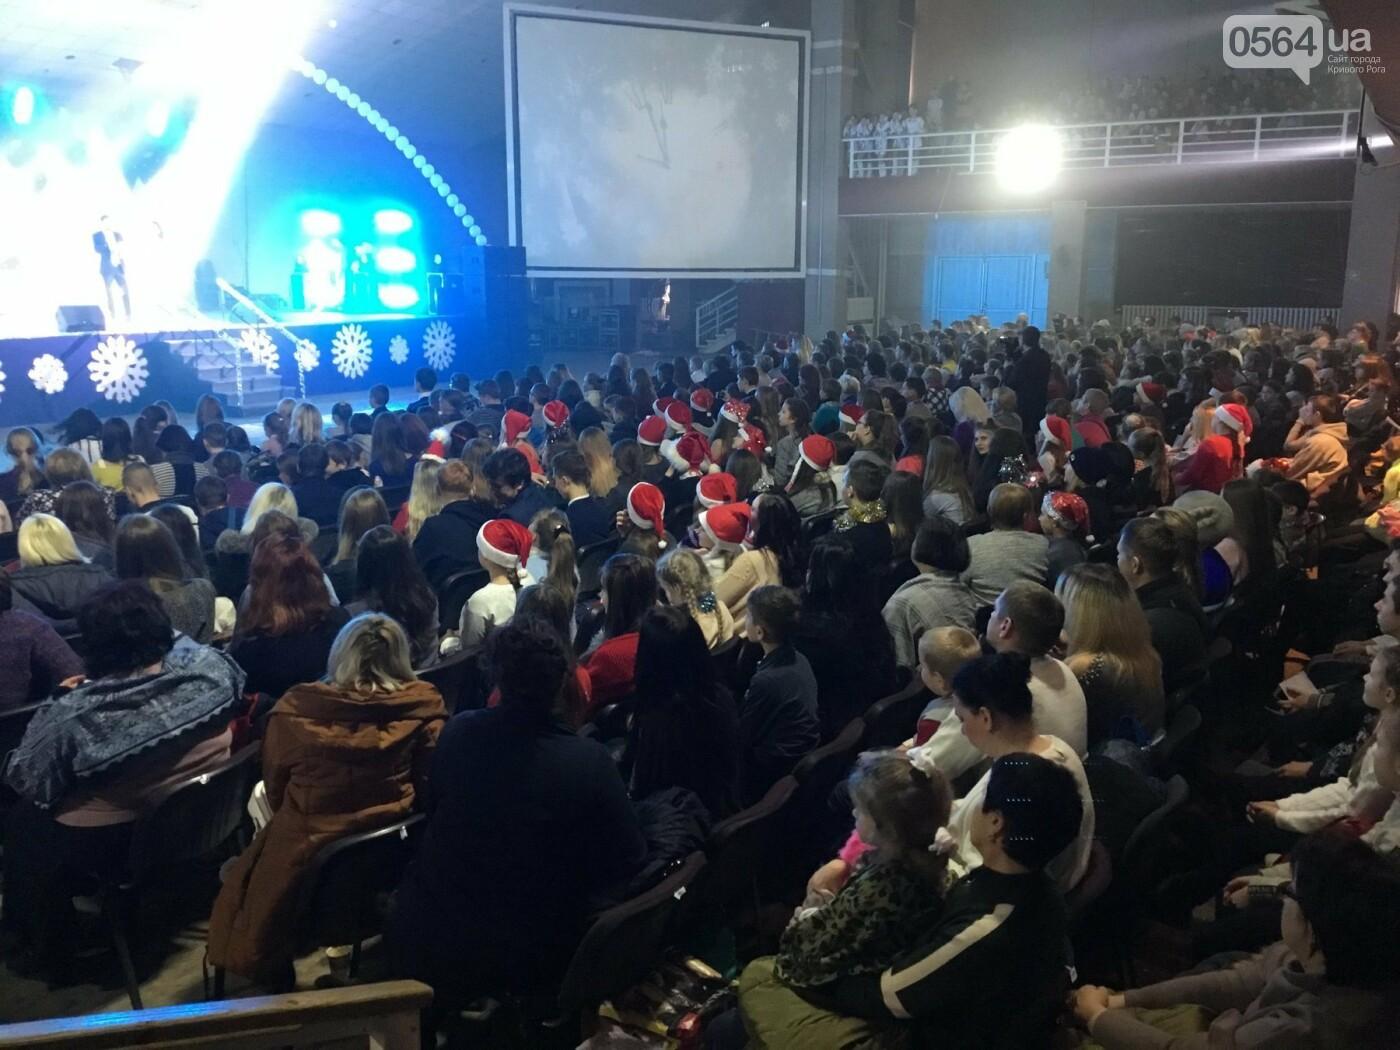 """В Кривом Роге на """"Главной елке"""" поздравили более 1,5 тысячи юных криворожан, - ФОТО, ВИДЕО, фото-21"""